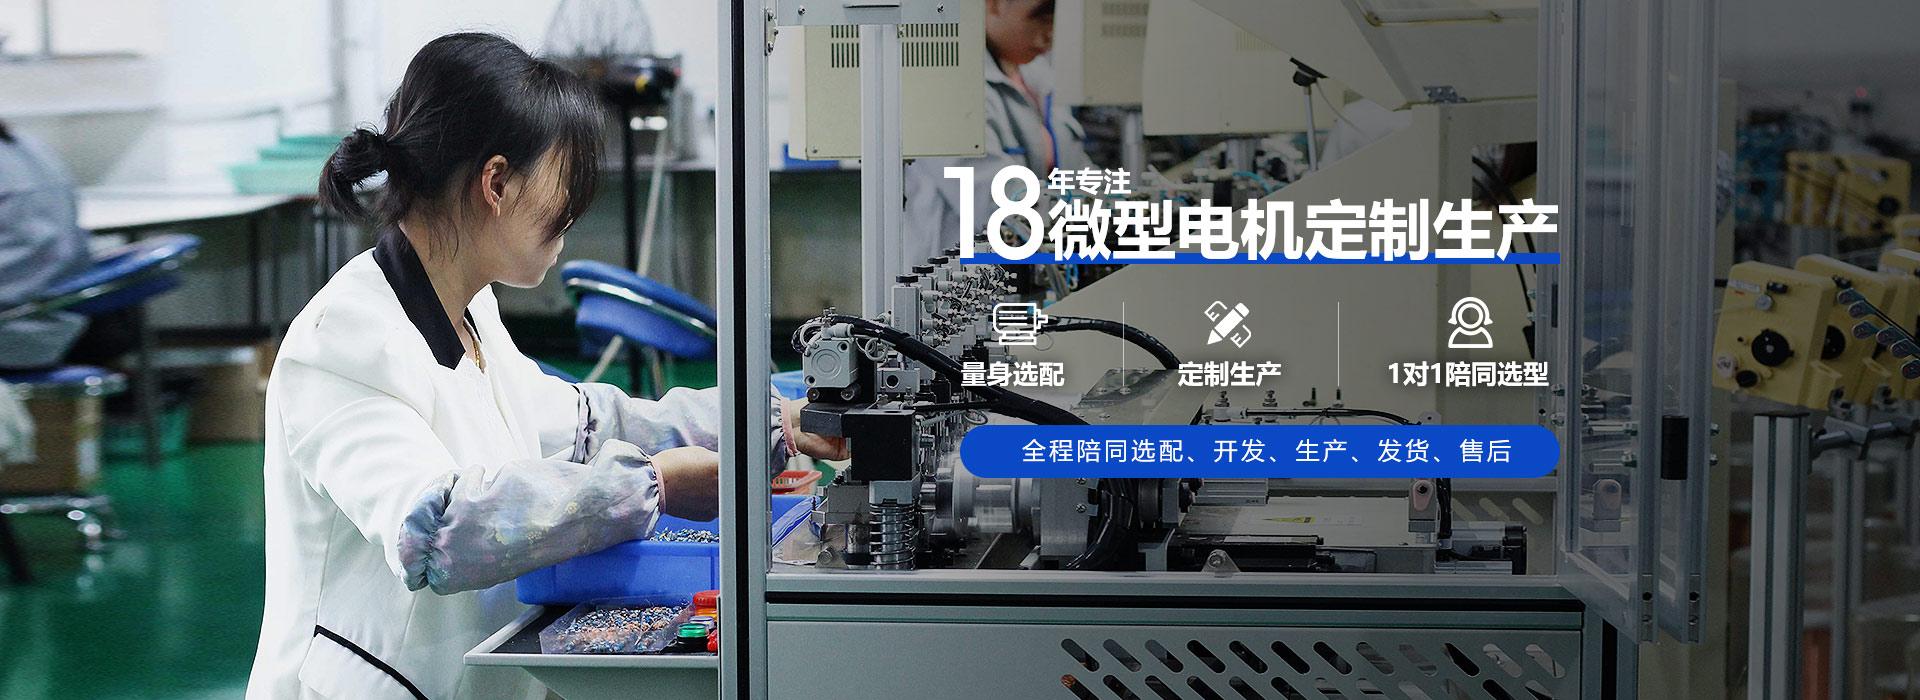 深圳顺昌微型电机-18年专注微型电机量身选配、定制生产 全程陪同选配、开发、生产、发货、售后